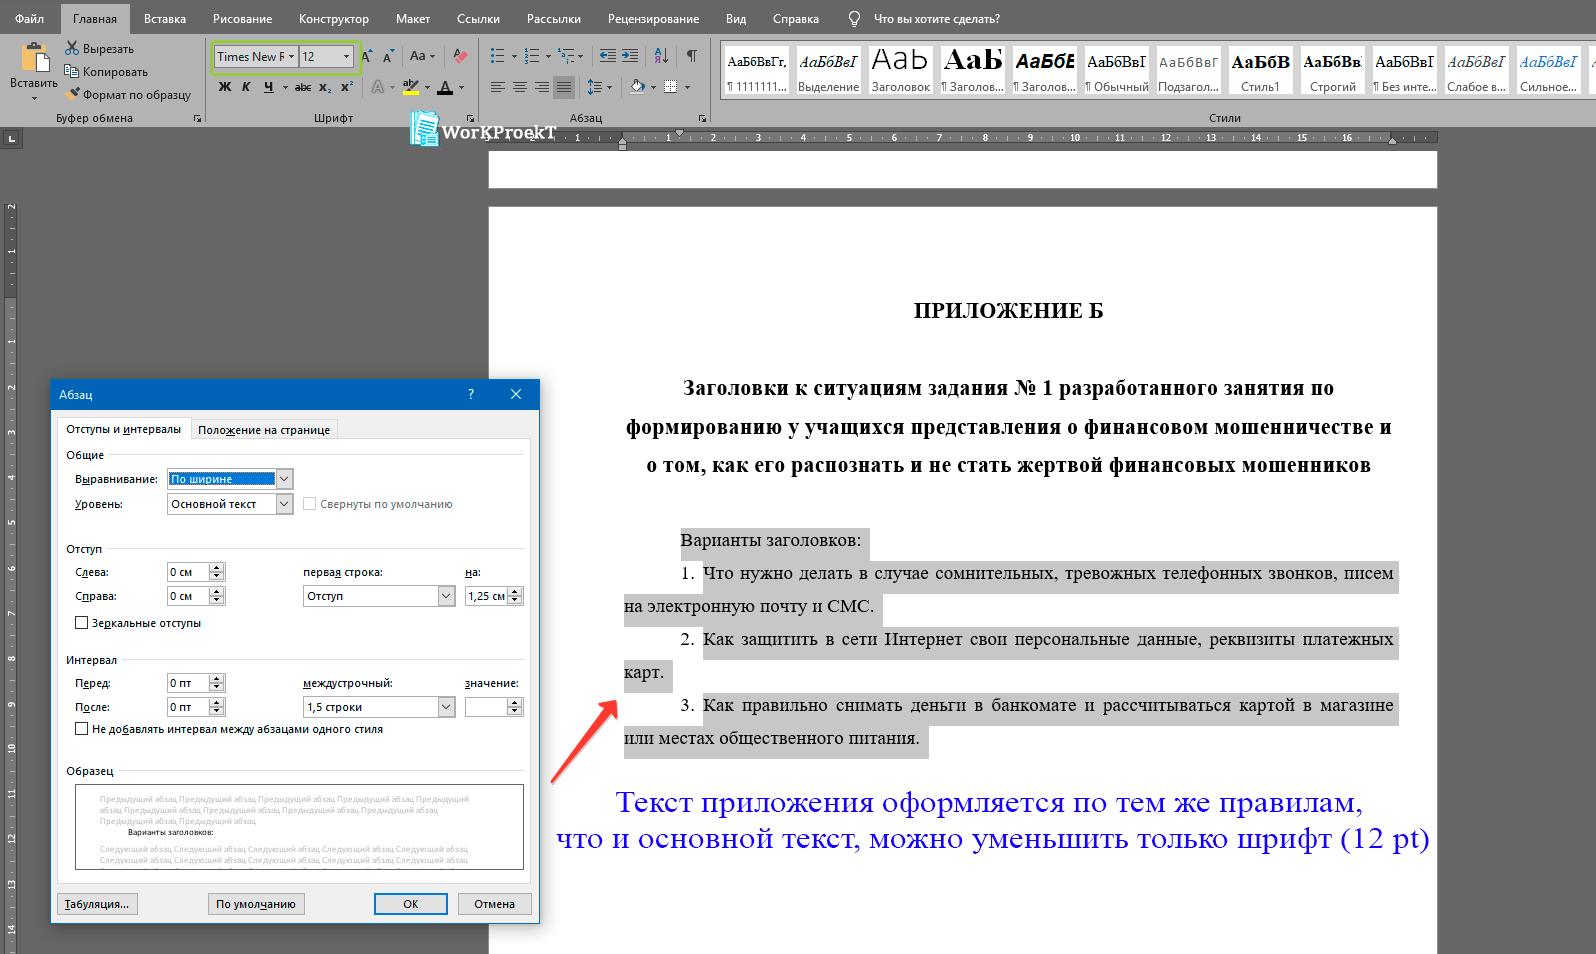 Оформление текста в приложении